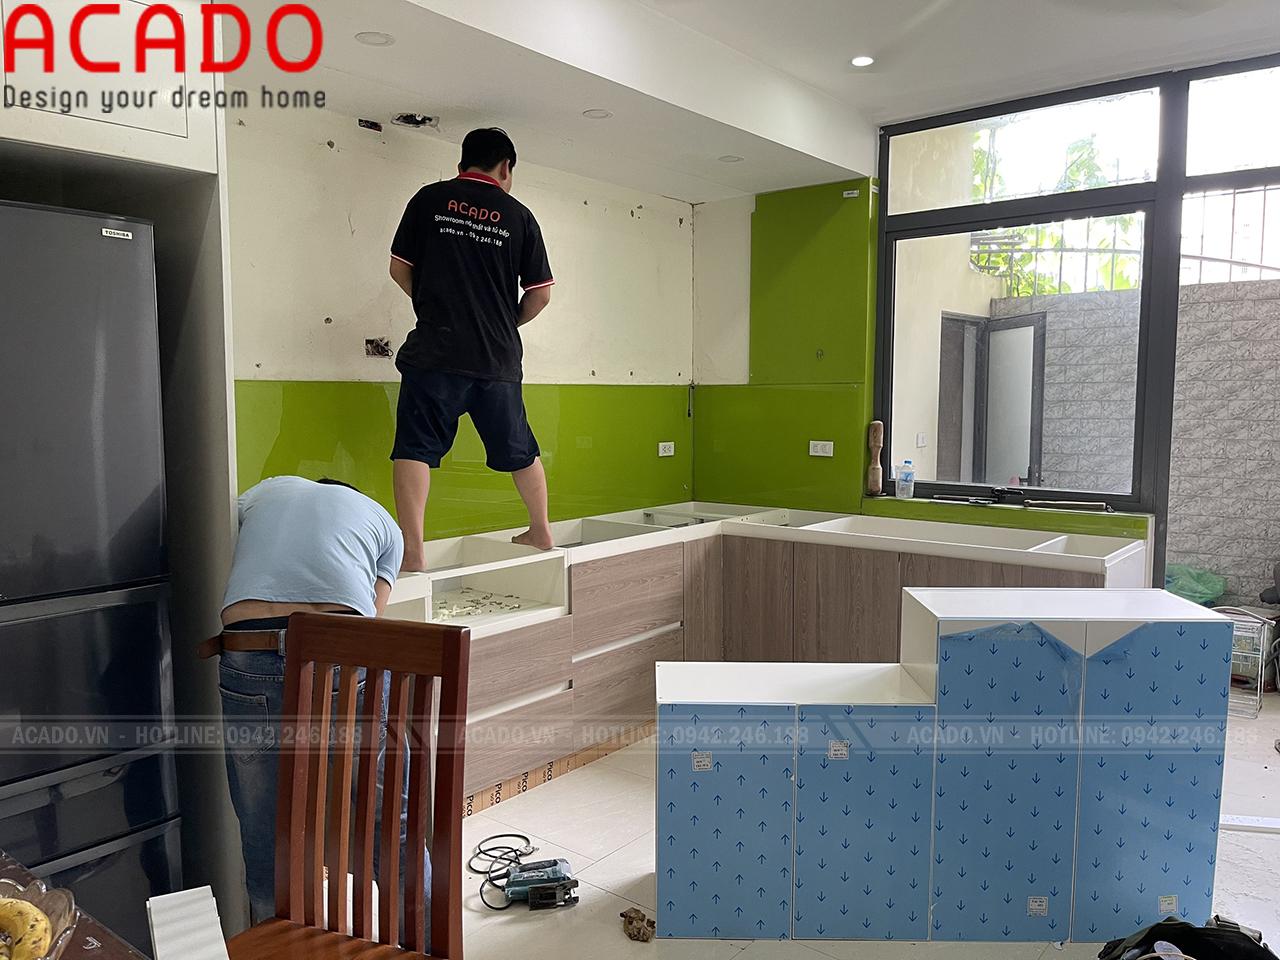 Thợ thi công bắt đầu thực hiện quá trình lắp đặt - Thi công nội thất tại Hà Đông